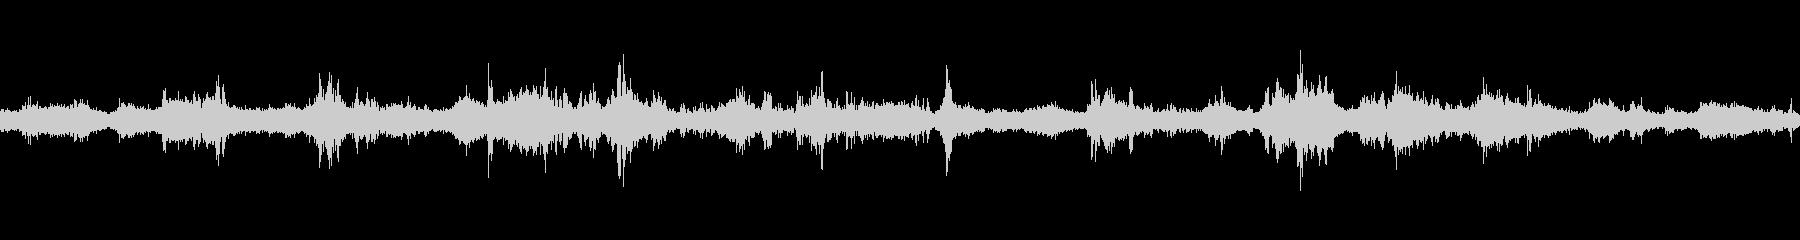 岩場に当たる波の音の未再生の波形